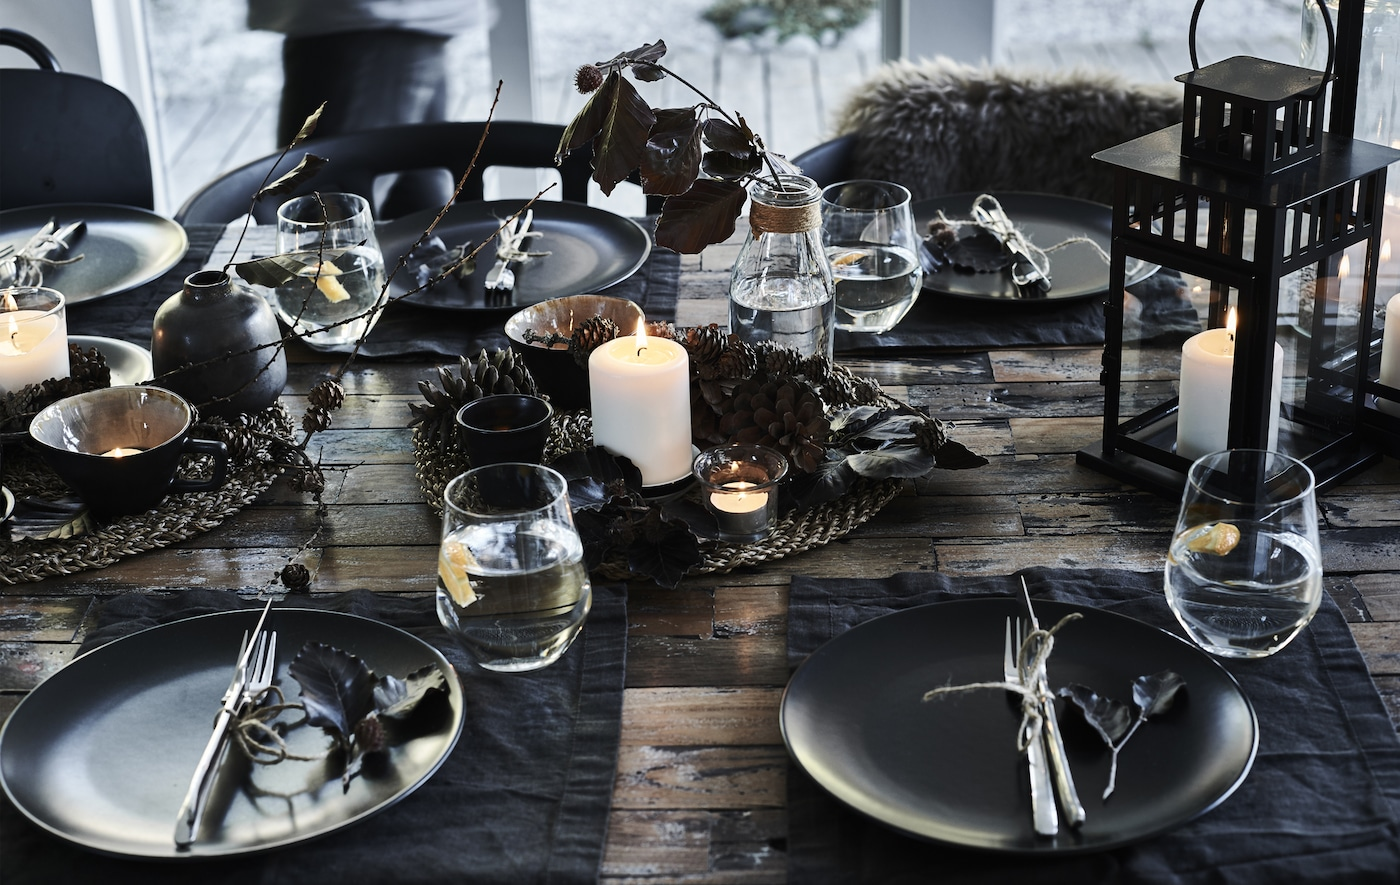 Uređenje stola prirodnim materijalima i tamnim posuđem.